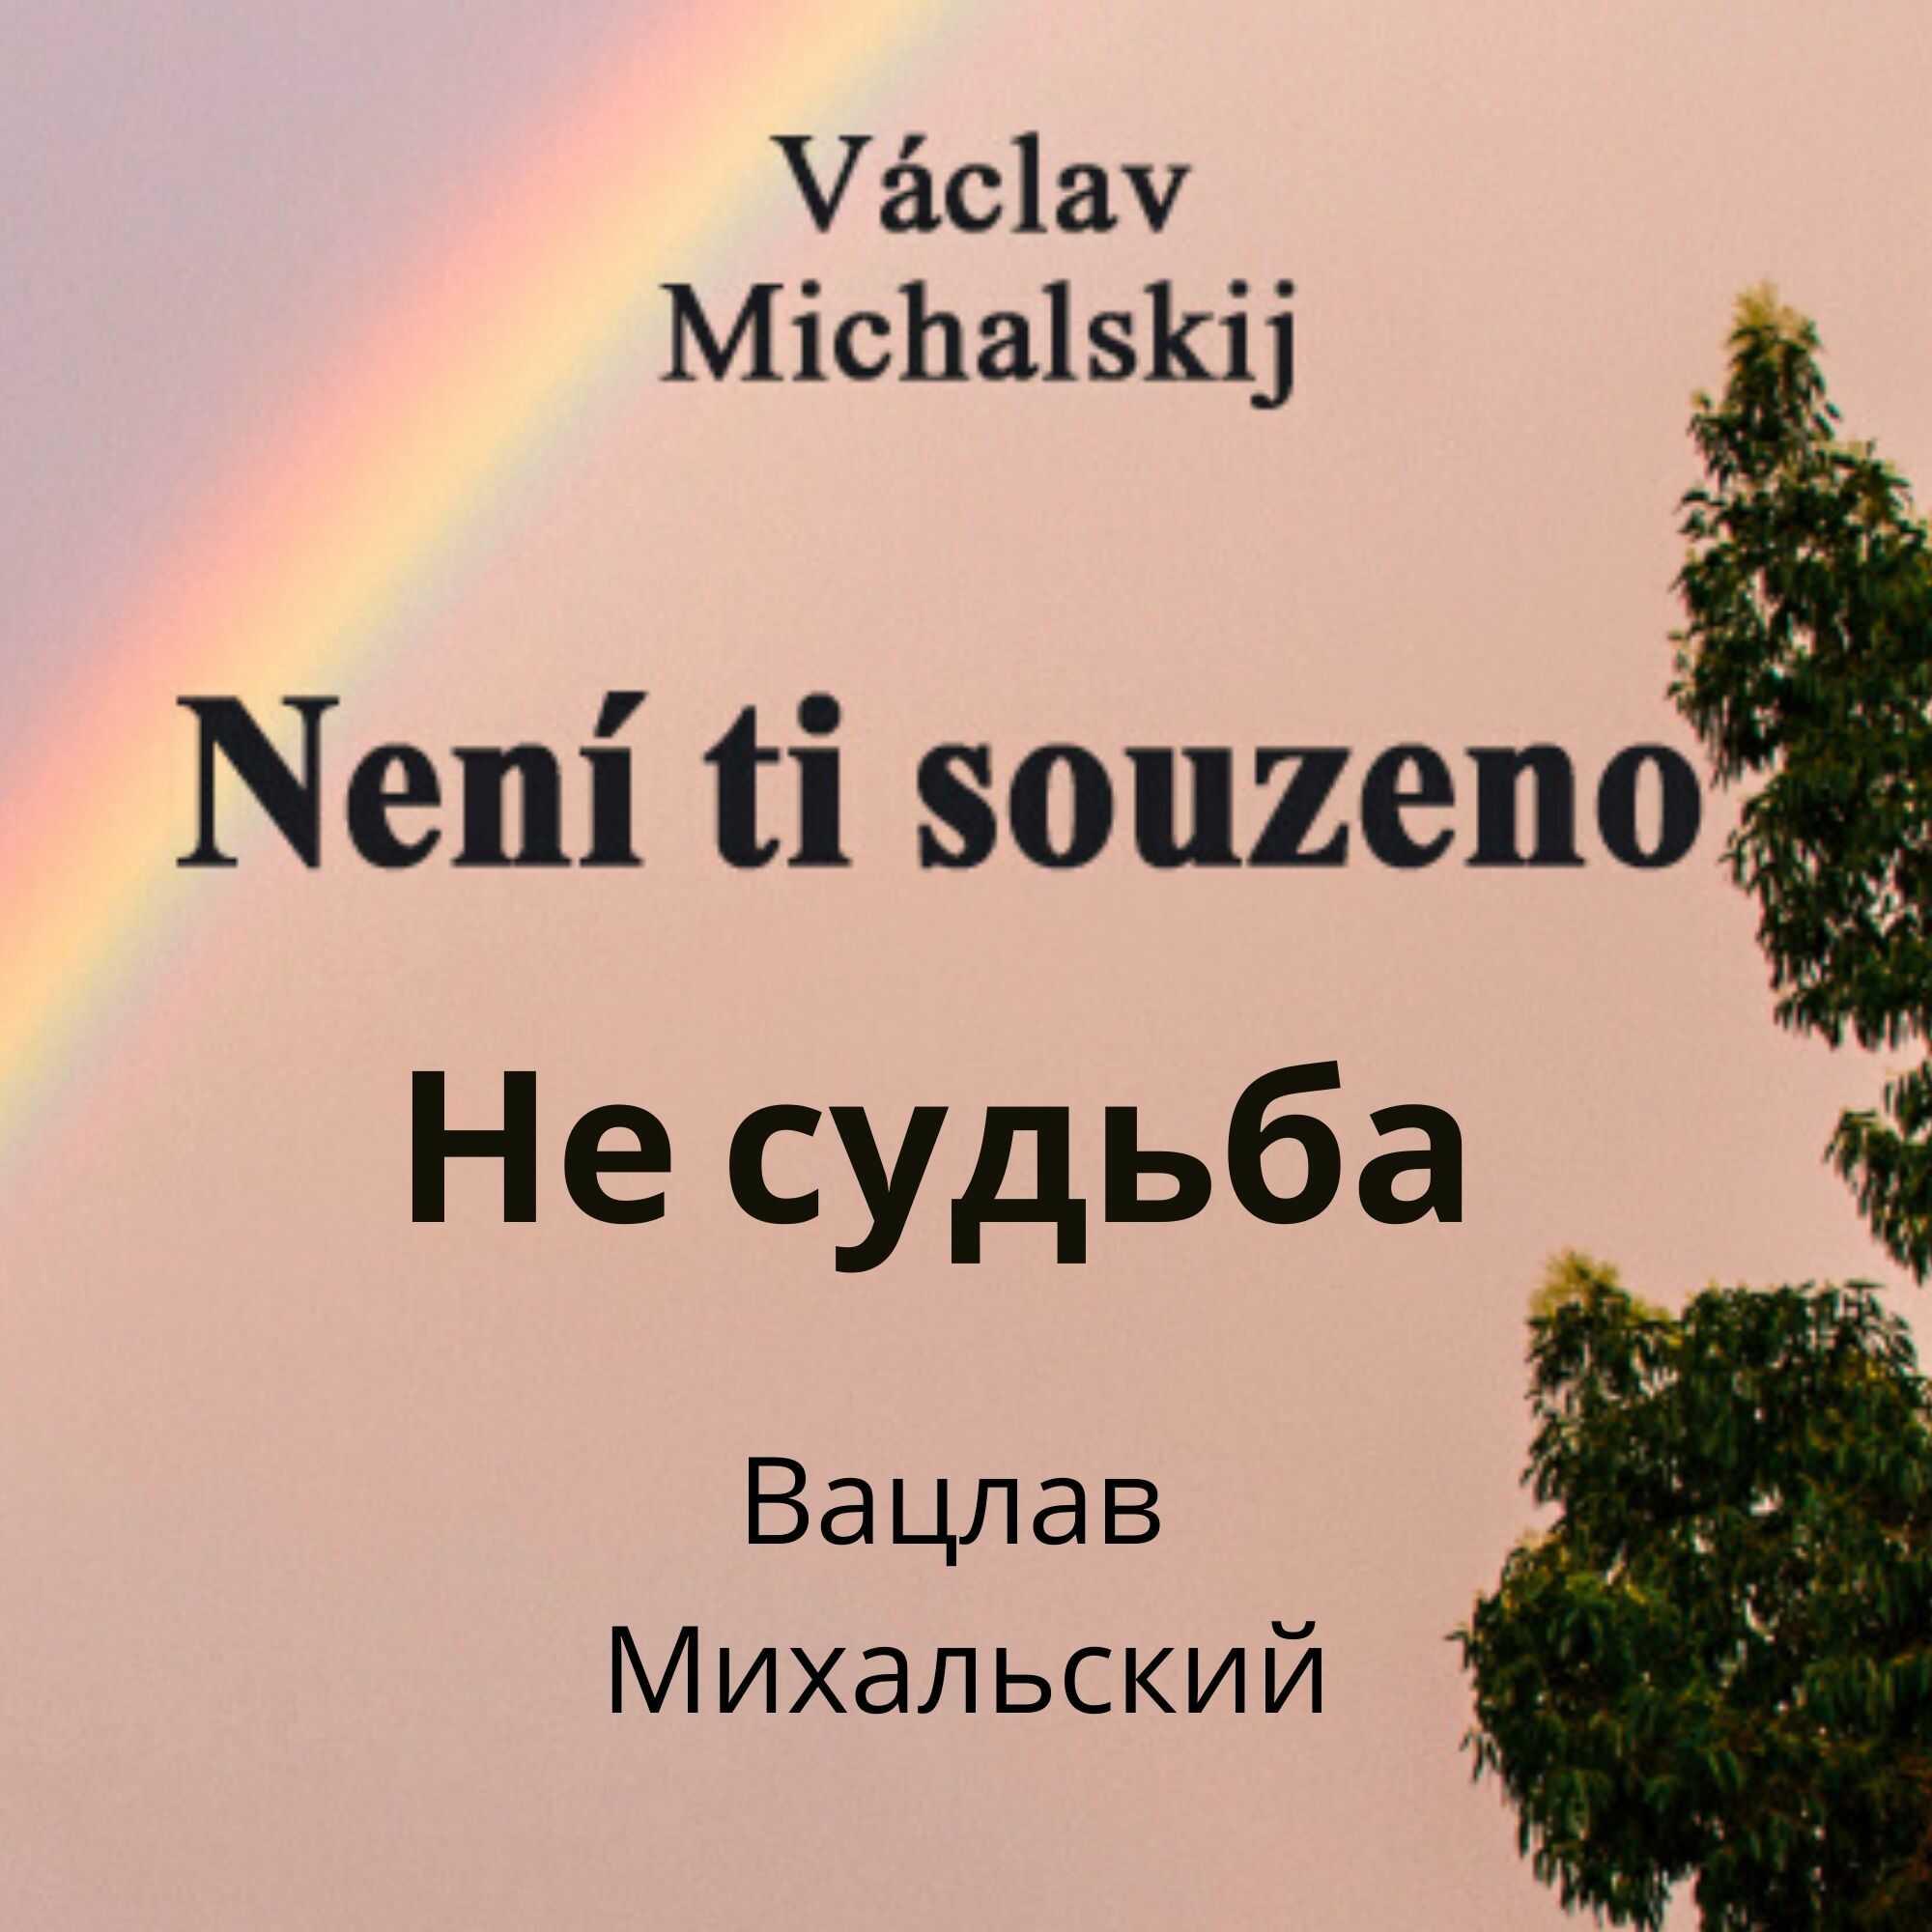 Václav Michalskij - Není Ti souzeno - výběr z autorových povídek